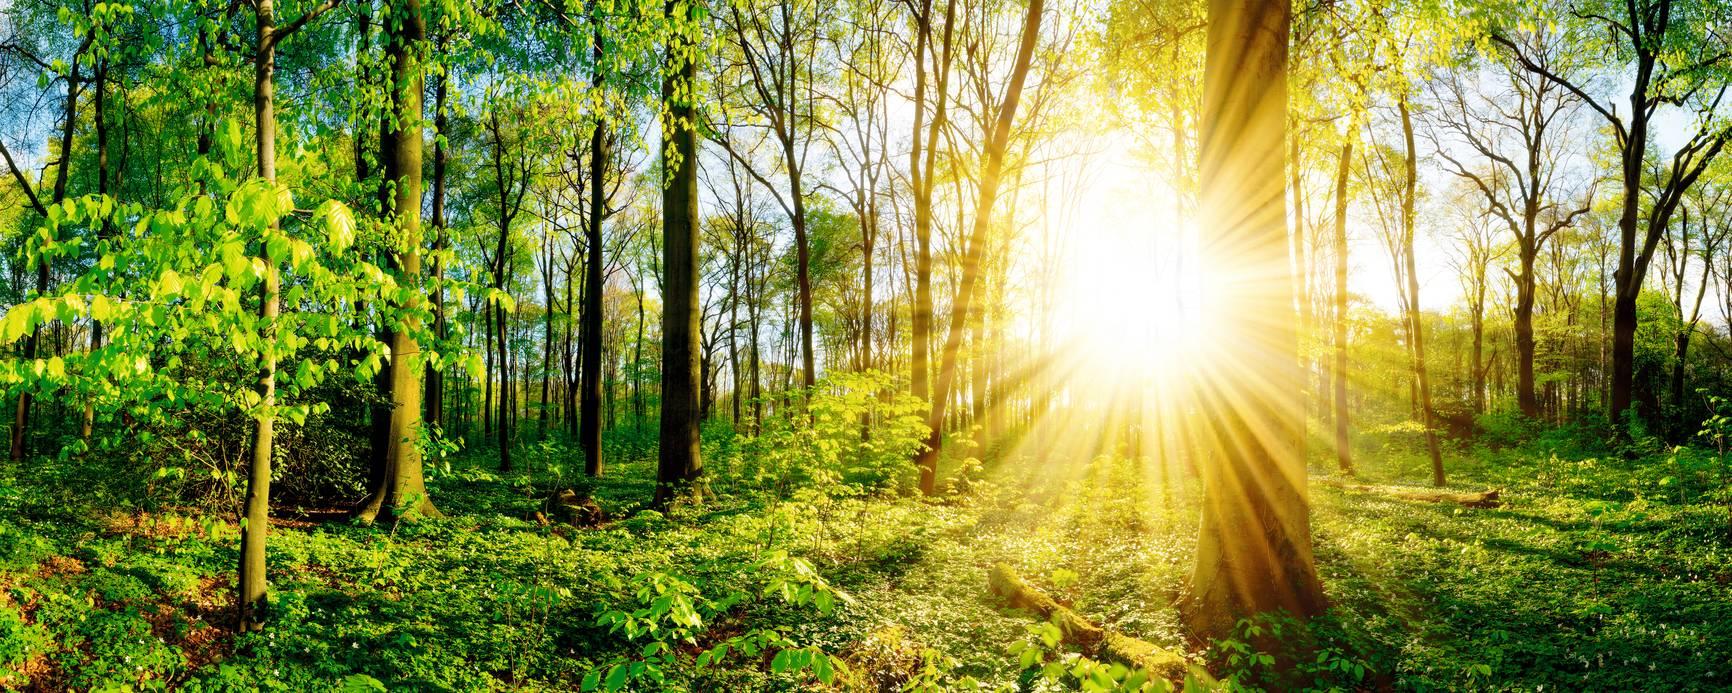 PRIMAGAS BioLPG - Wald, Bäume und Sonne, Sonnenstrahlen